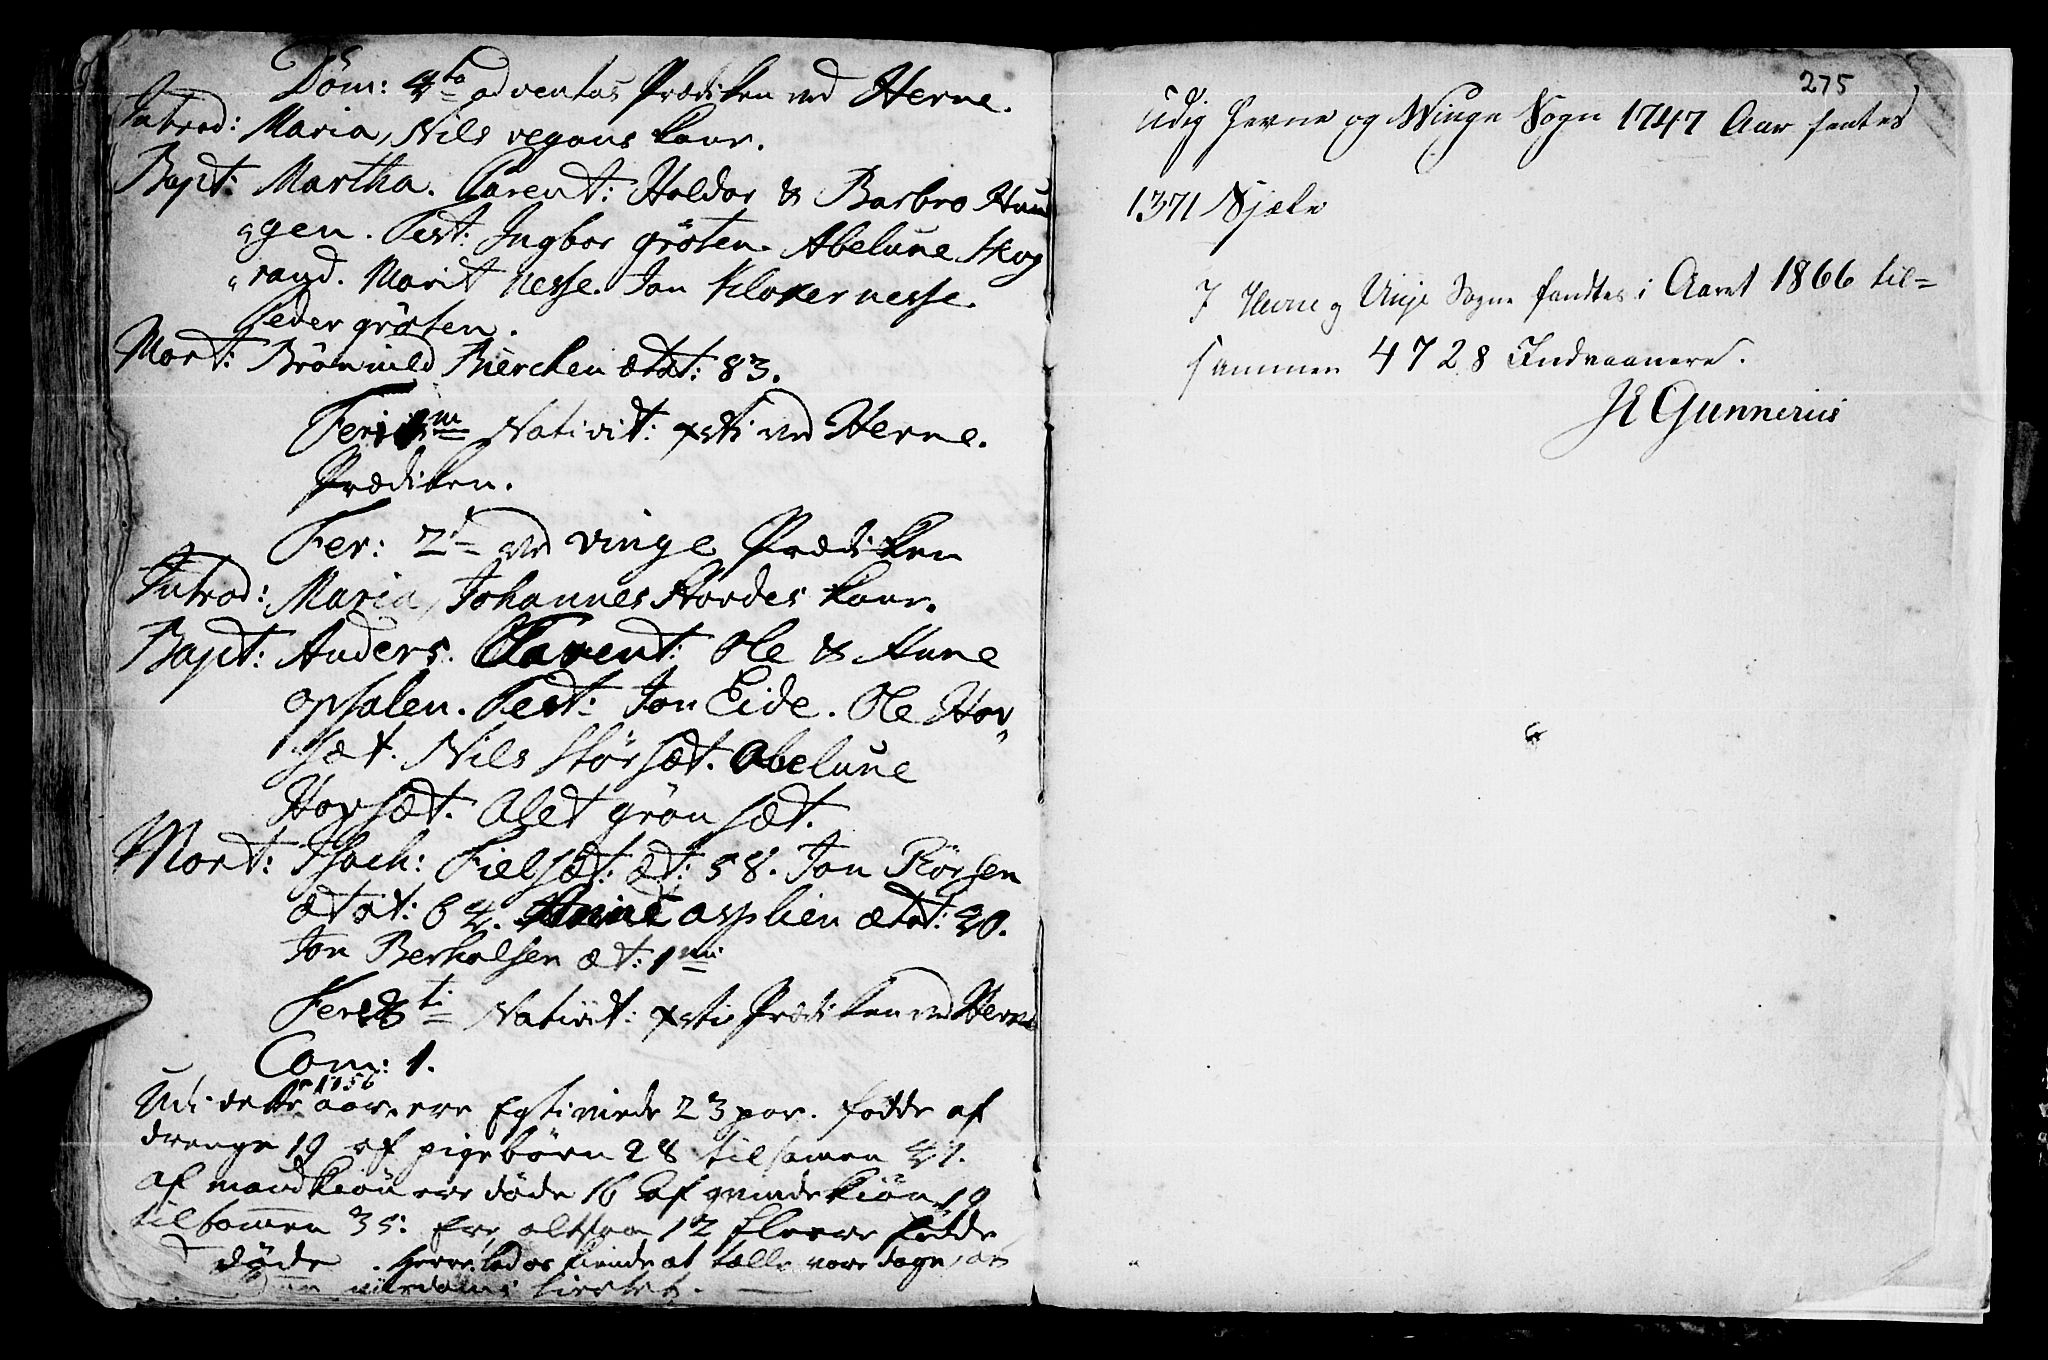 SAT, Ministerialprotokoller, klokkerbøker og fødselsregistre - Sør-Trøndelag, 630/L0488: Ministerialbok nr. 630A01, 1717-1756, s. 274-275